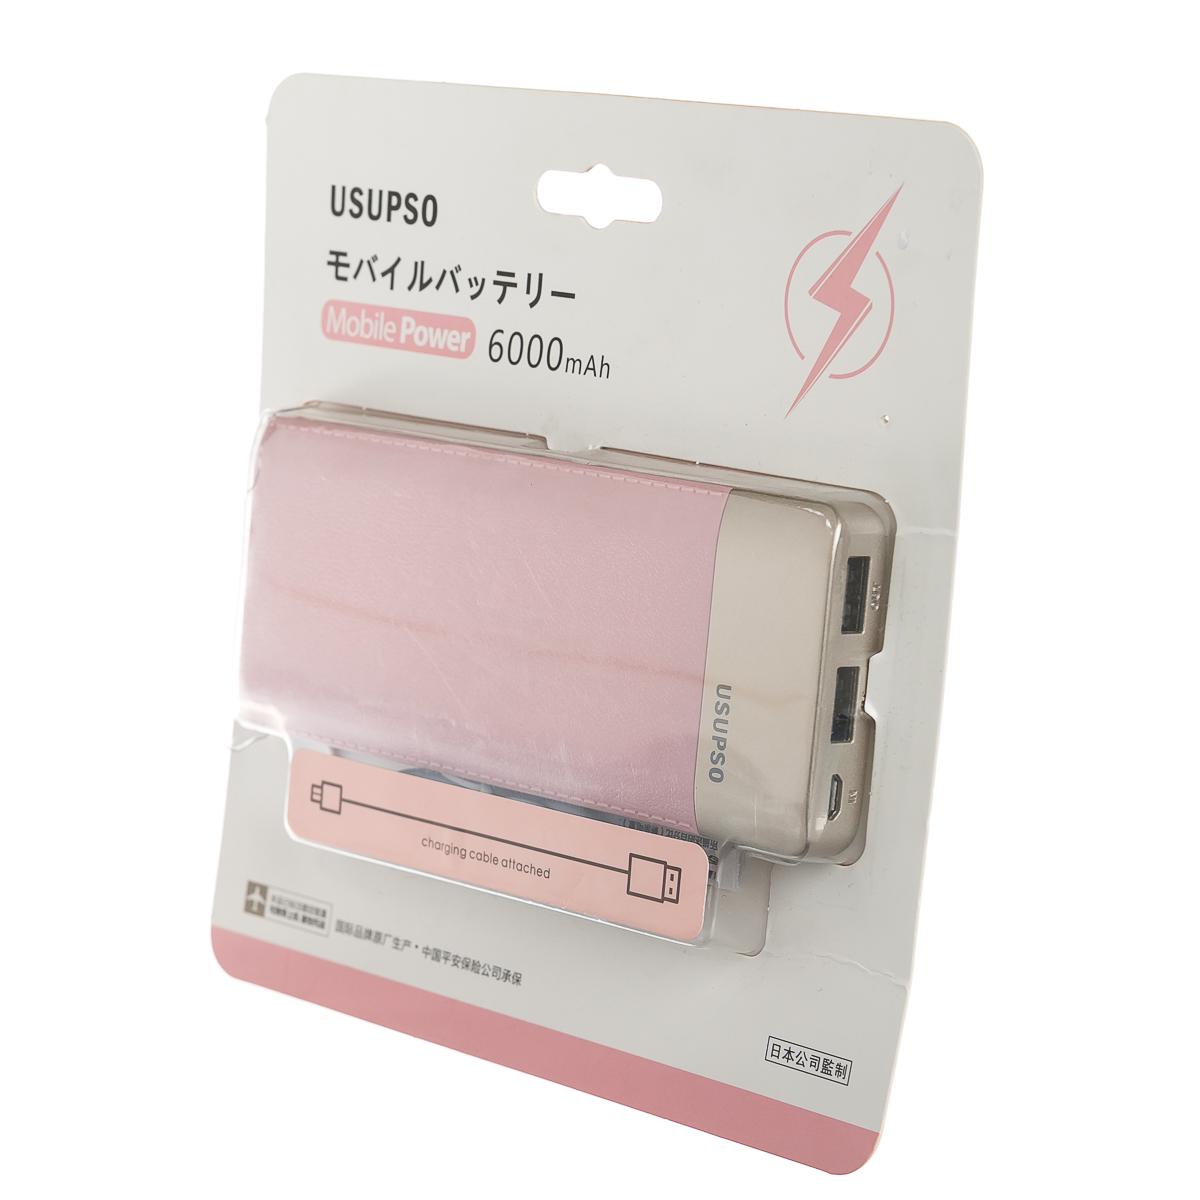 PowerBank компактный розовый с двумя входами 6000 mAh